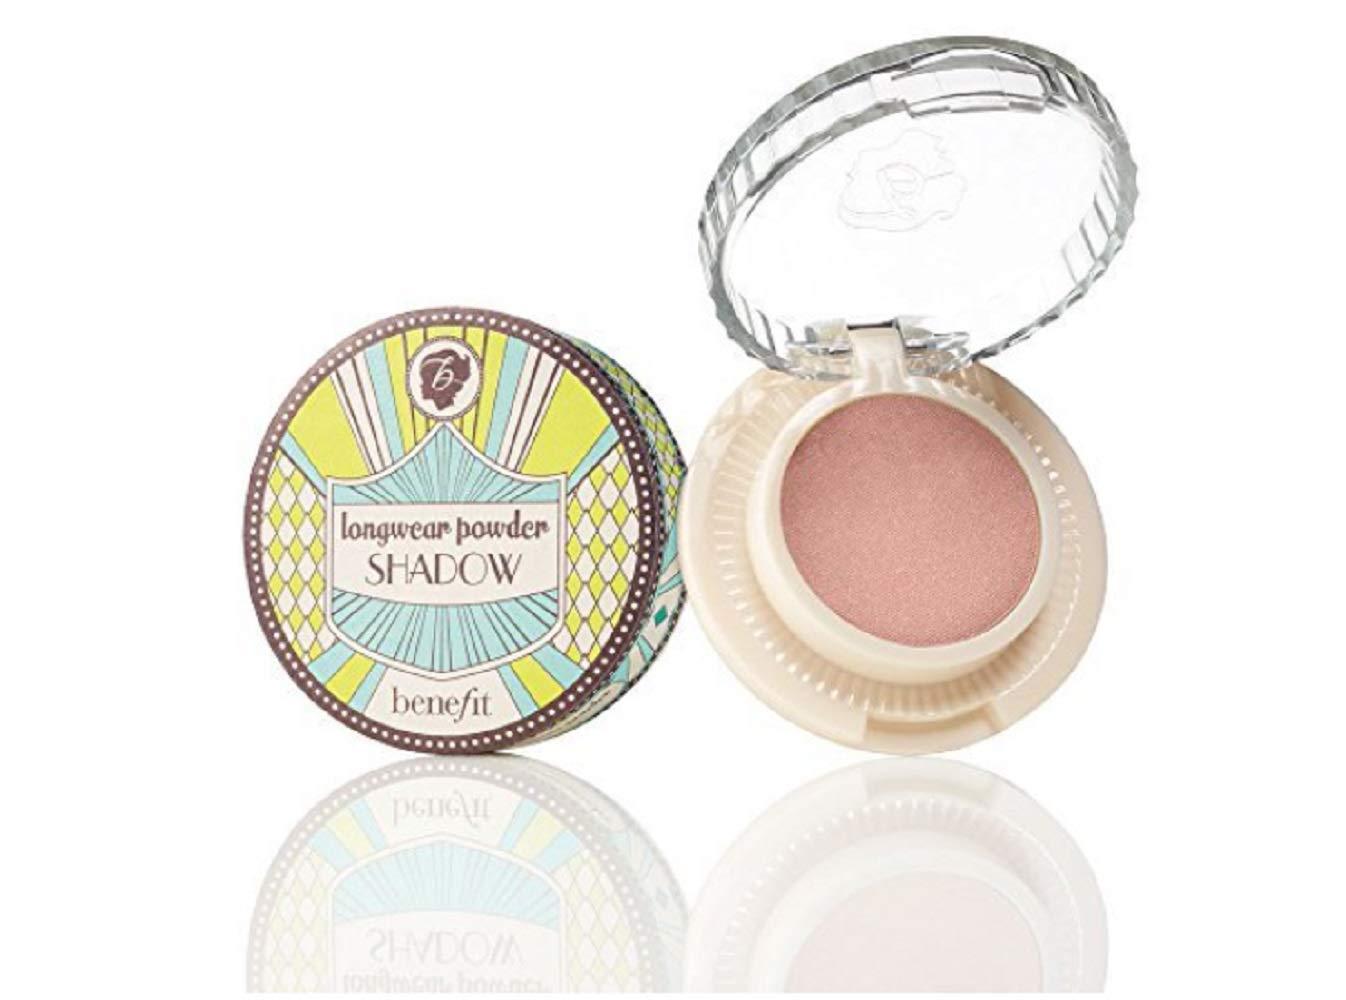 Benefit Cosmetics Longwear Powder Shadow – Gilt-Y Pleasure – golden sand